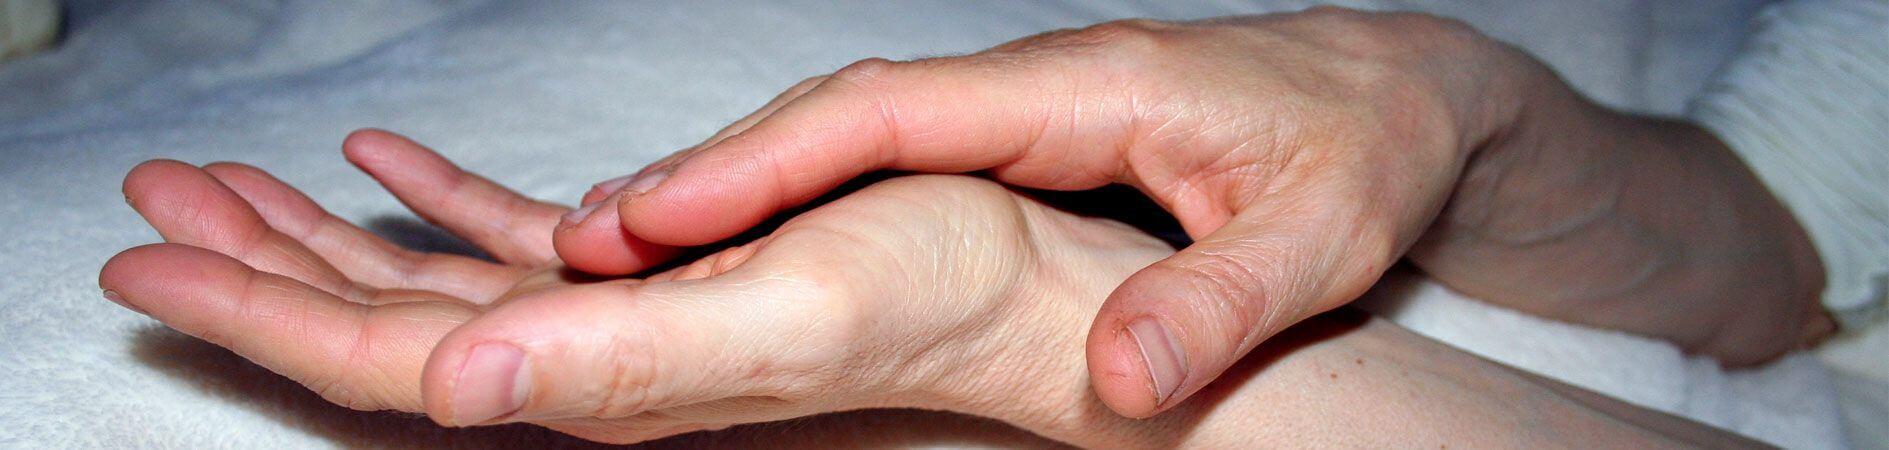 Praxis für Osteopathie Darmstadt